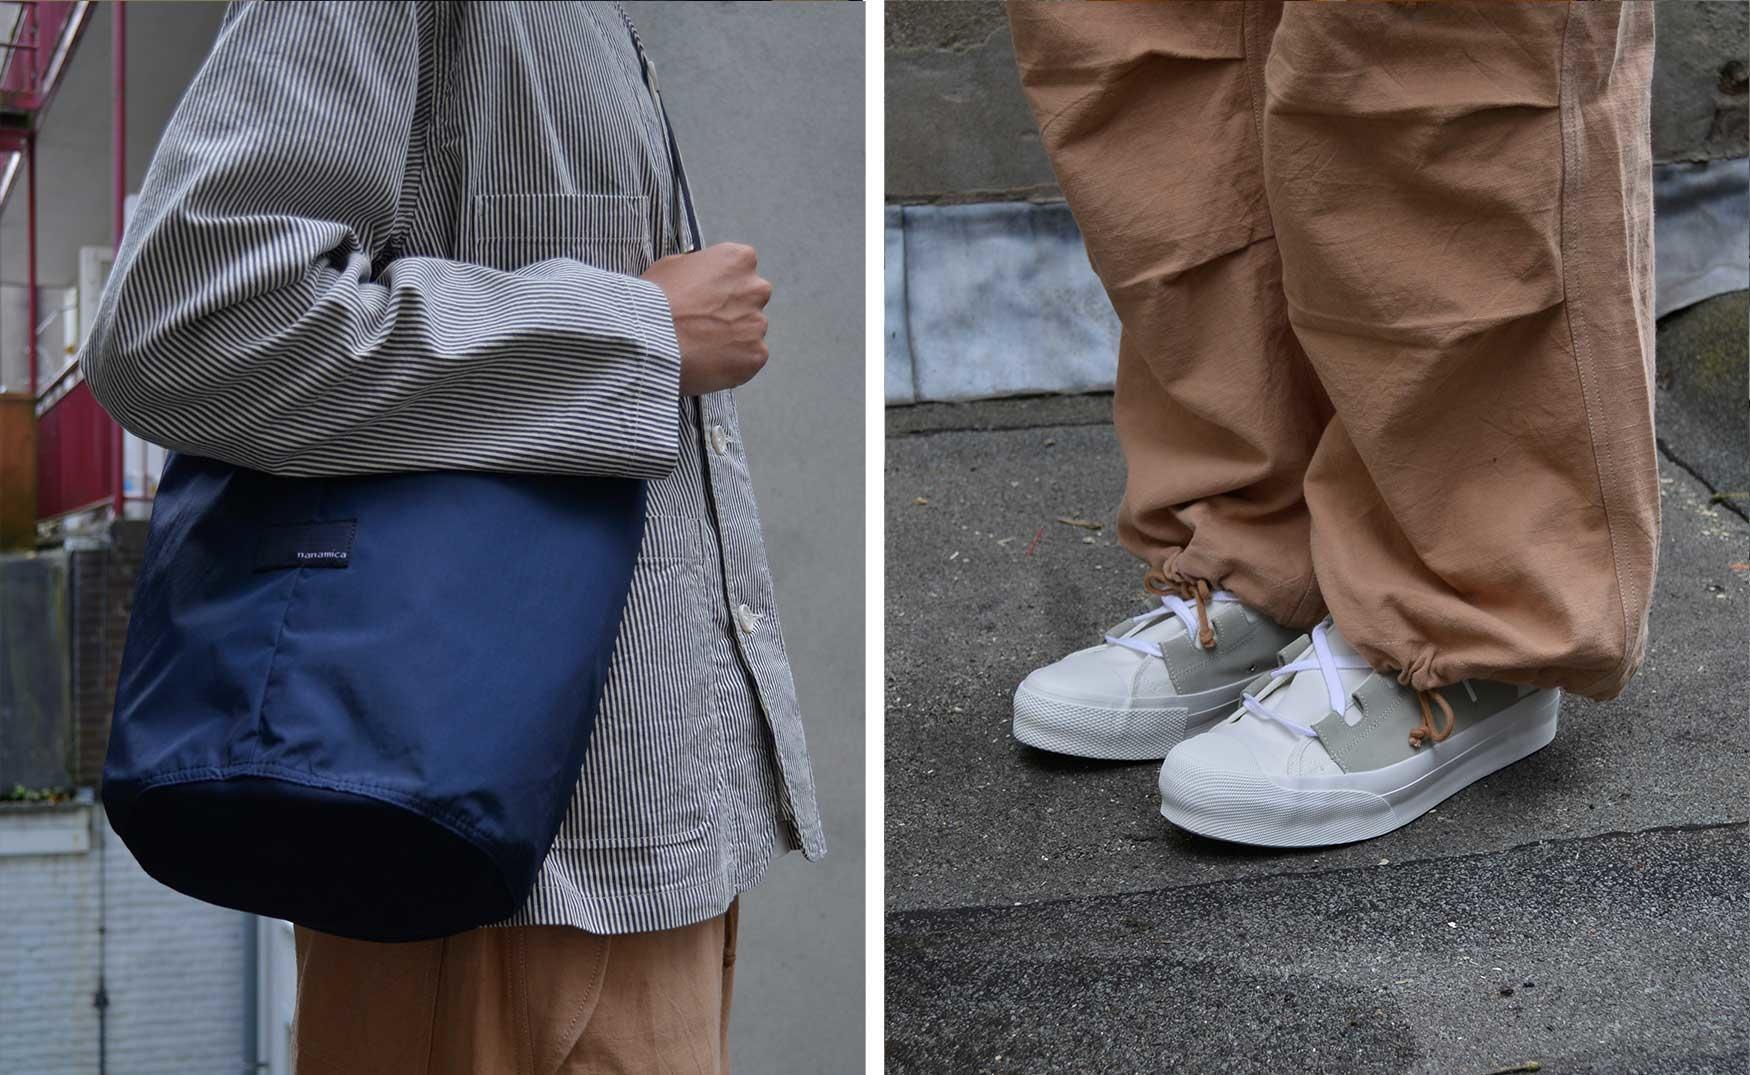 Noe holds a navy Nanamica shoulder bag